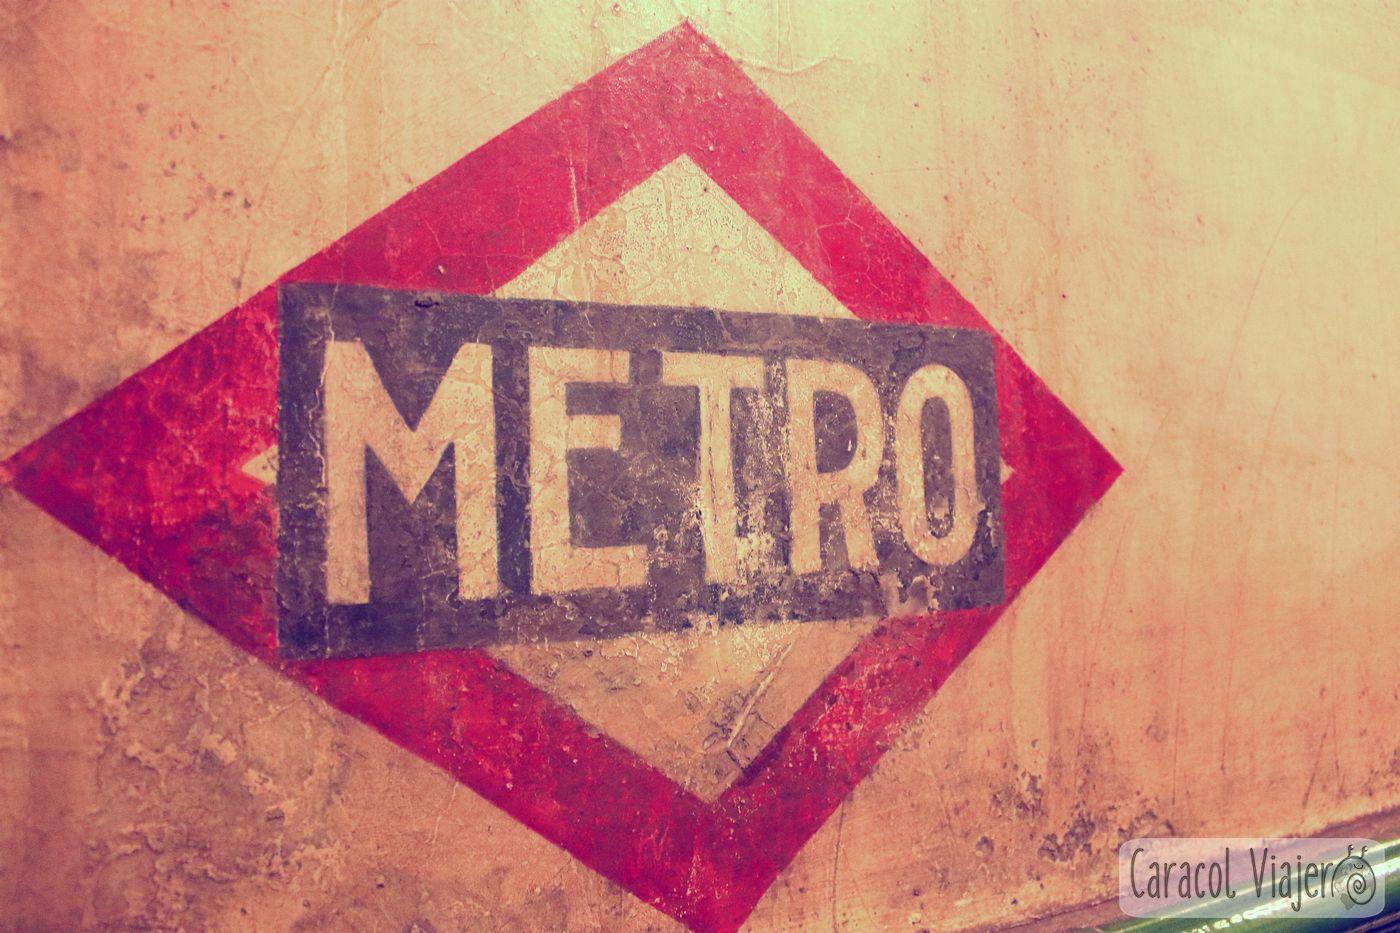 Metro de Madrid slogan